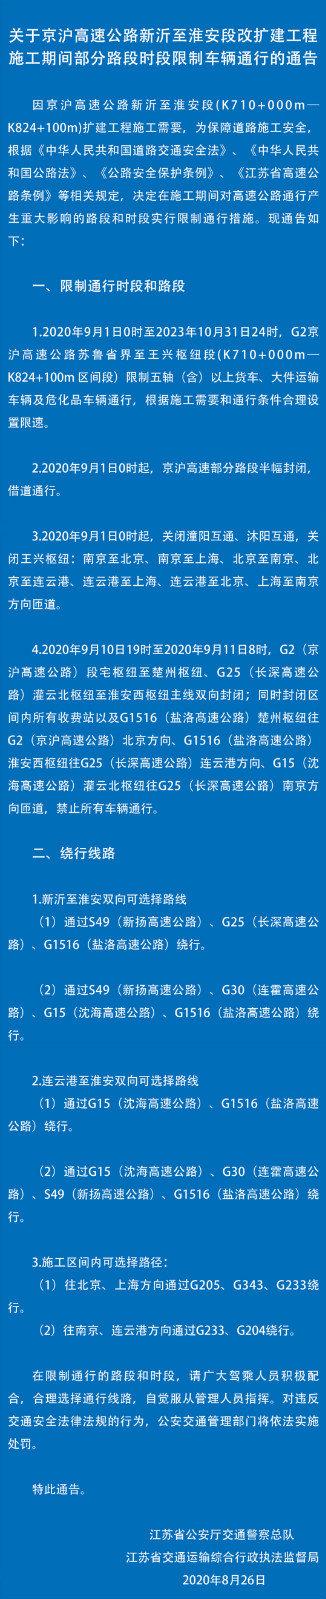 京沪高速新沂至淮安段改扩建!9月1日起部分路段限制货车通行最长3年